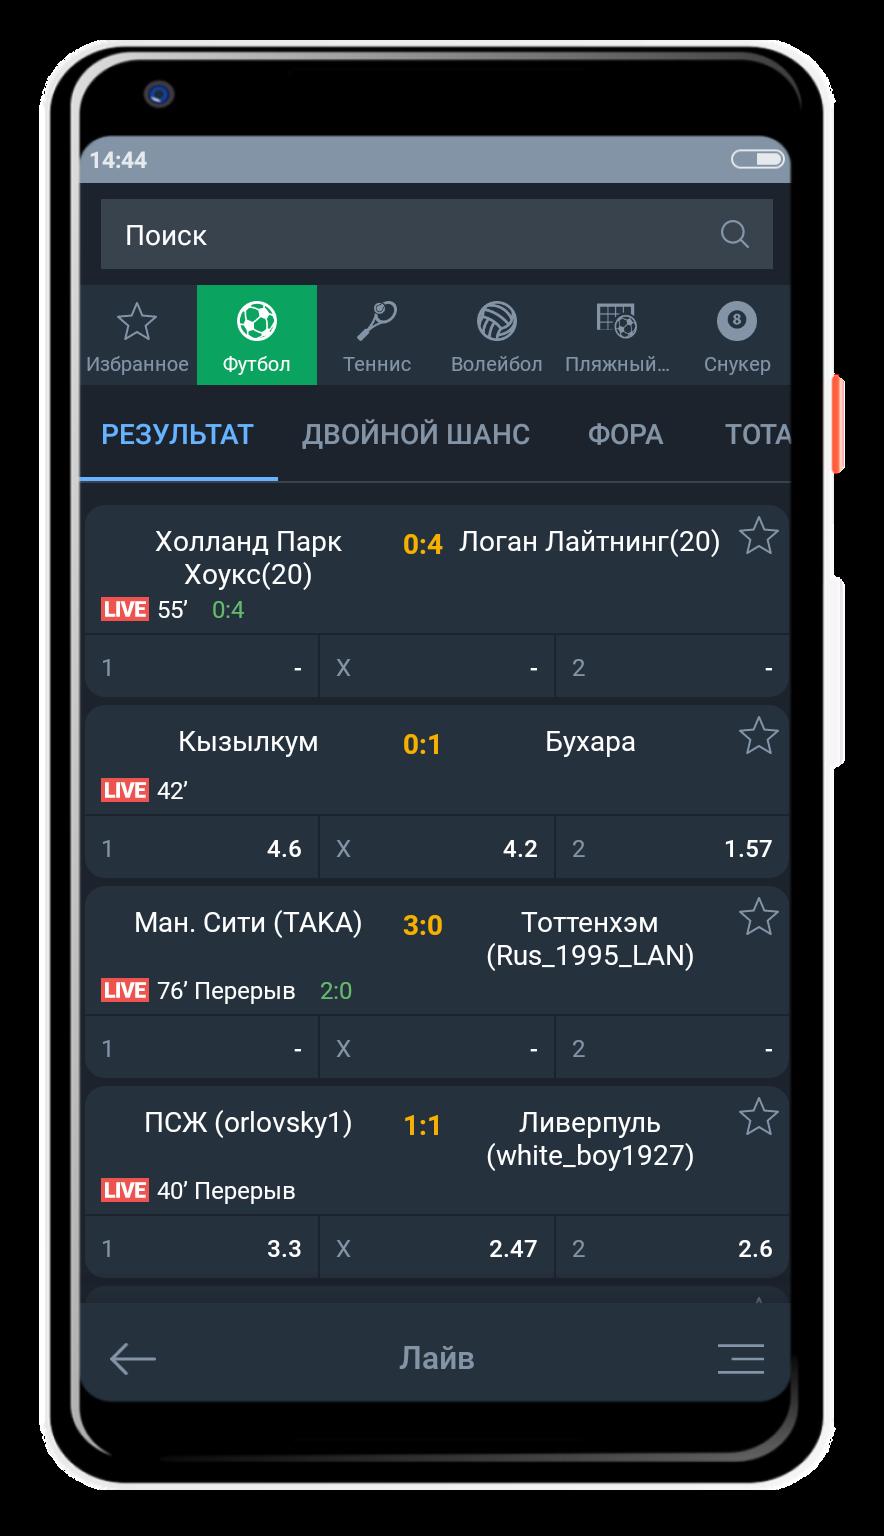 интерфейс андроид приложения Балтбет